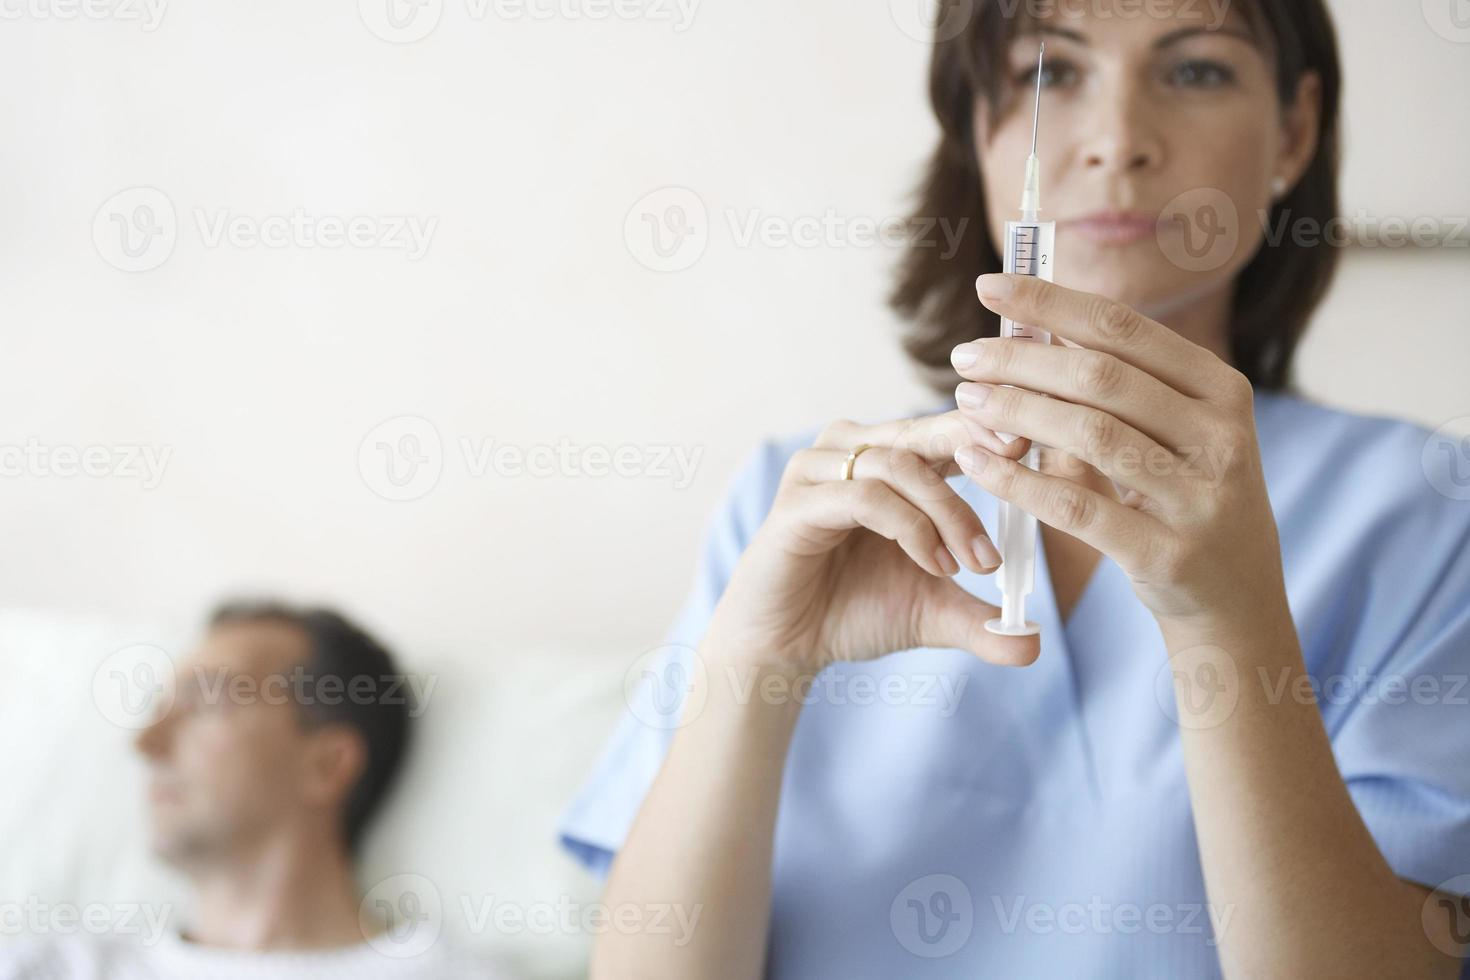 sjuksköterska förbereder injektionsspruta för patienten foto